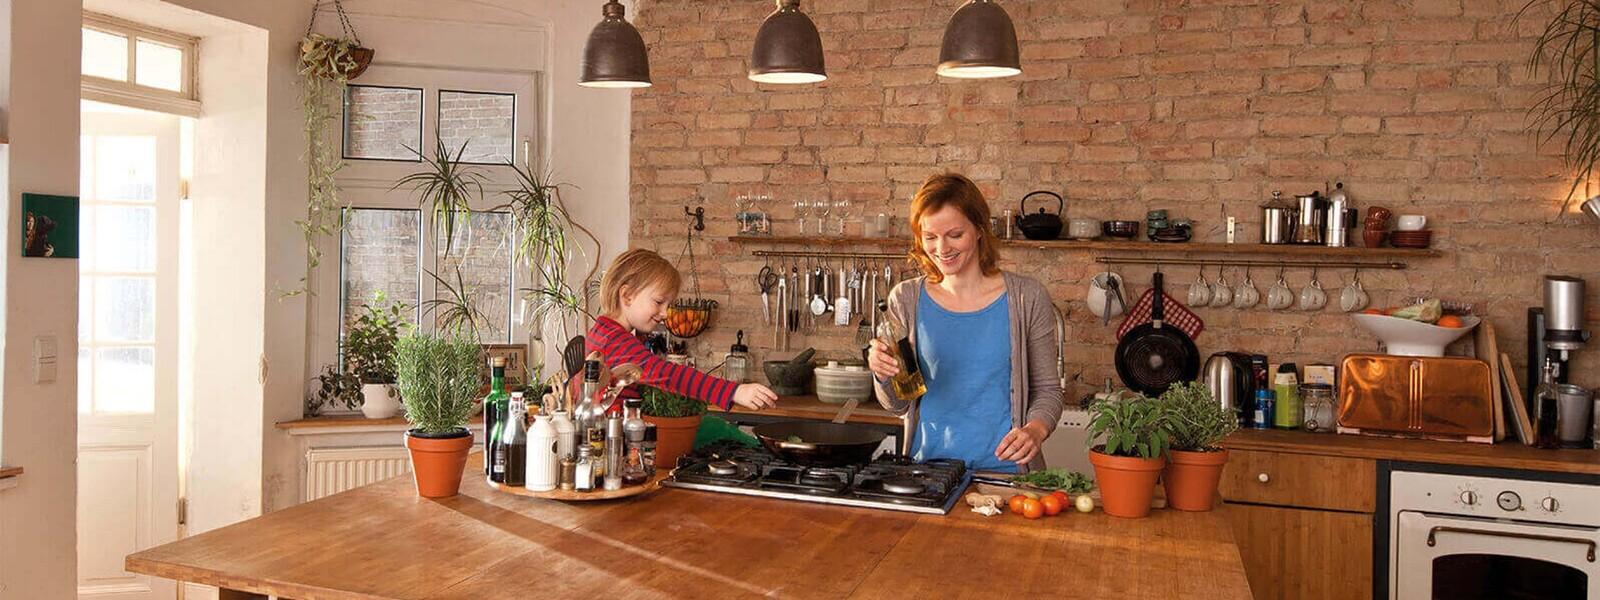 Mutter und Tochter stehen in der Küche und kochen mit einem Gasherd